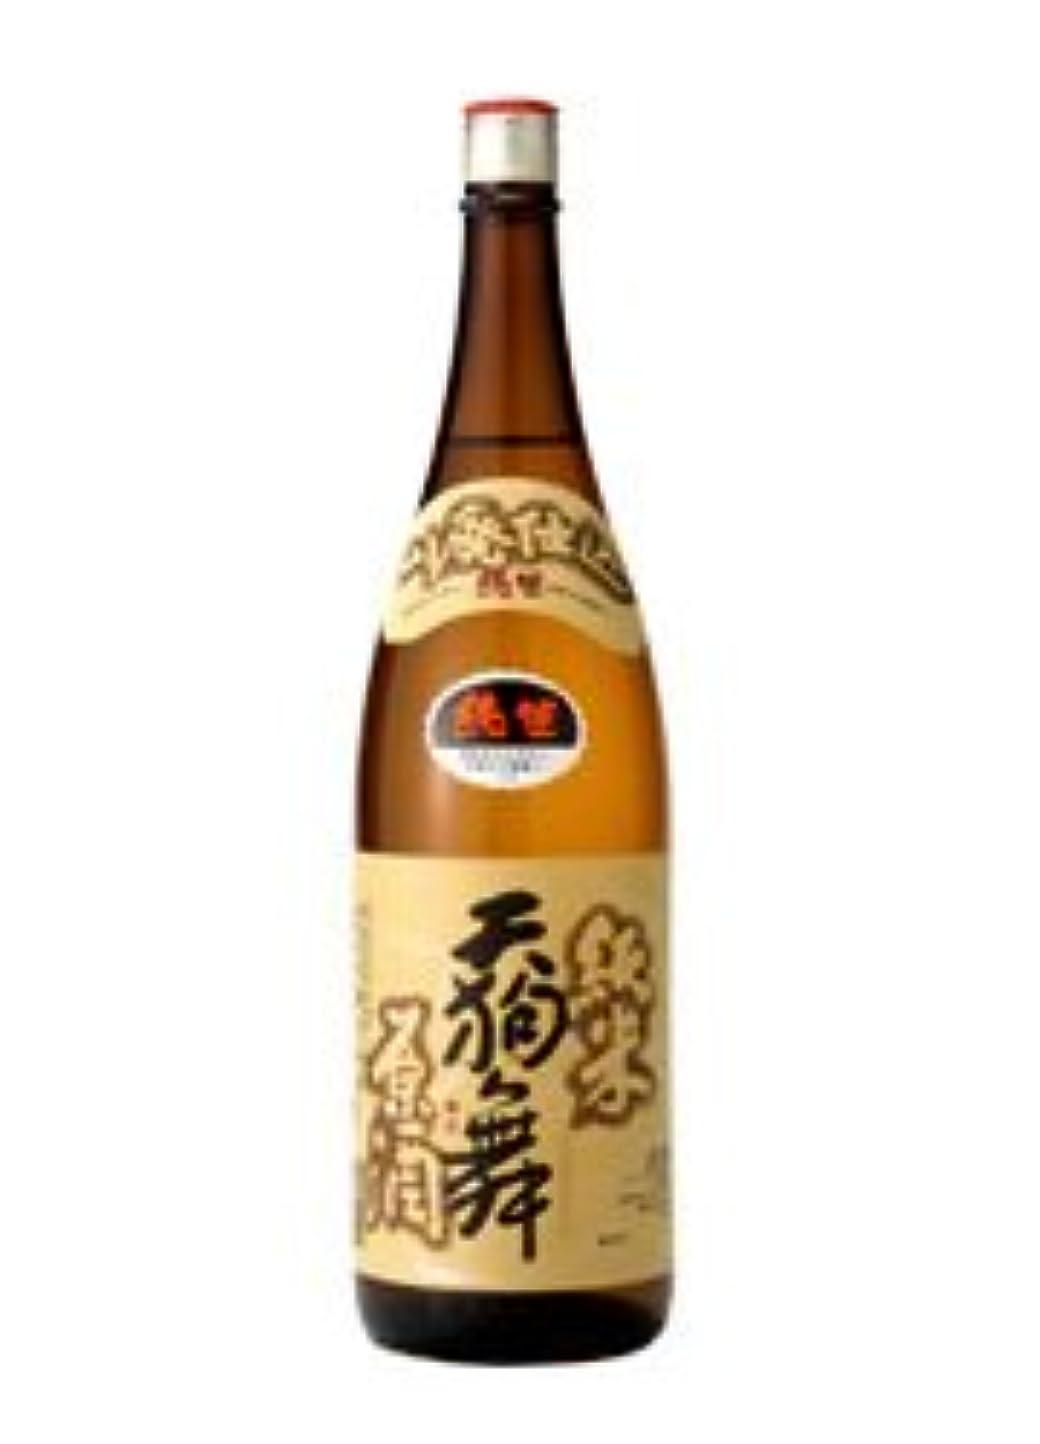 ヨーグルト疑わしい版天狗舞 山廃純米生原酒 1.8L